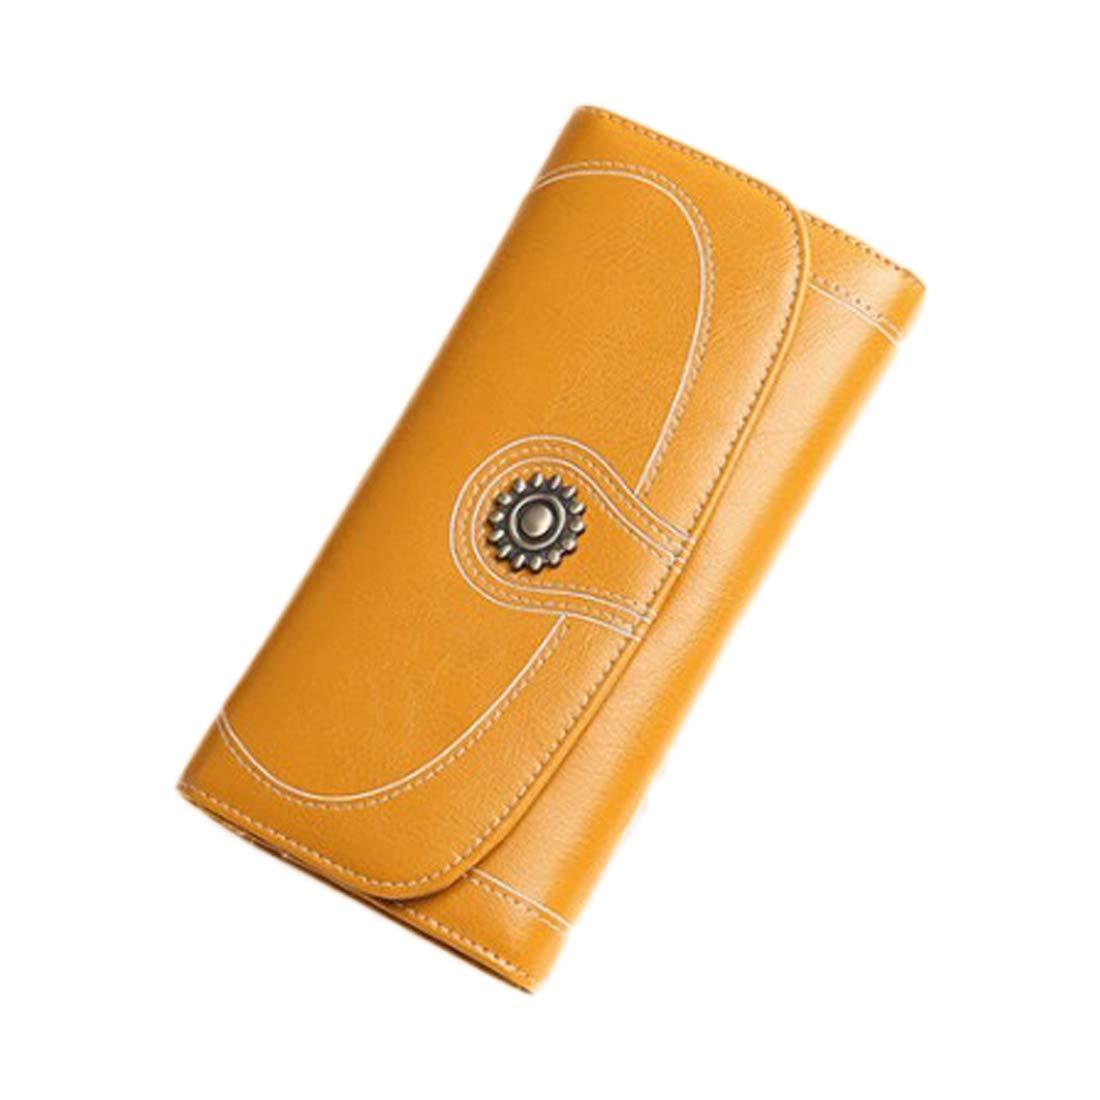 WEATLY Damen Geldbörse Frauen Frauen Frauen Lange Leder Reißverschluss Geldbörse Damen Geldbörse Clutch Rot antikes Gelb gelb B07MV8HNK8 Geldbrsen 40e545